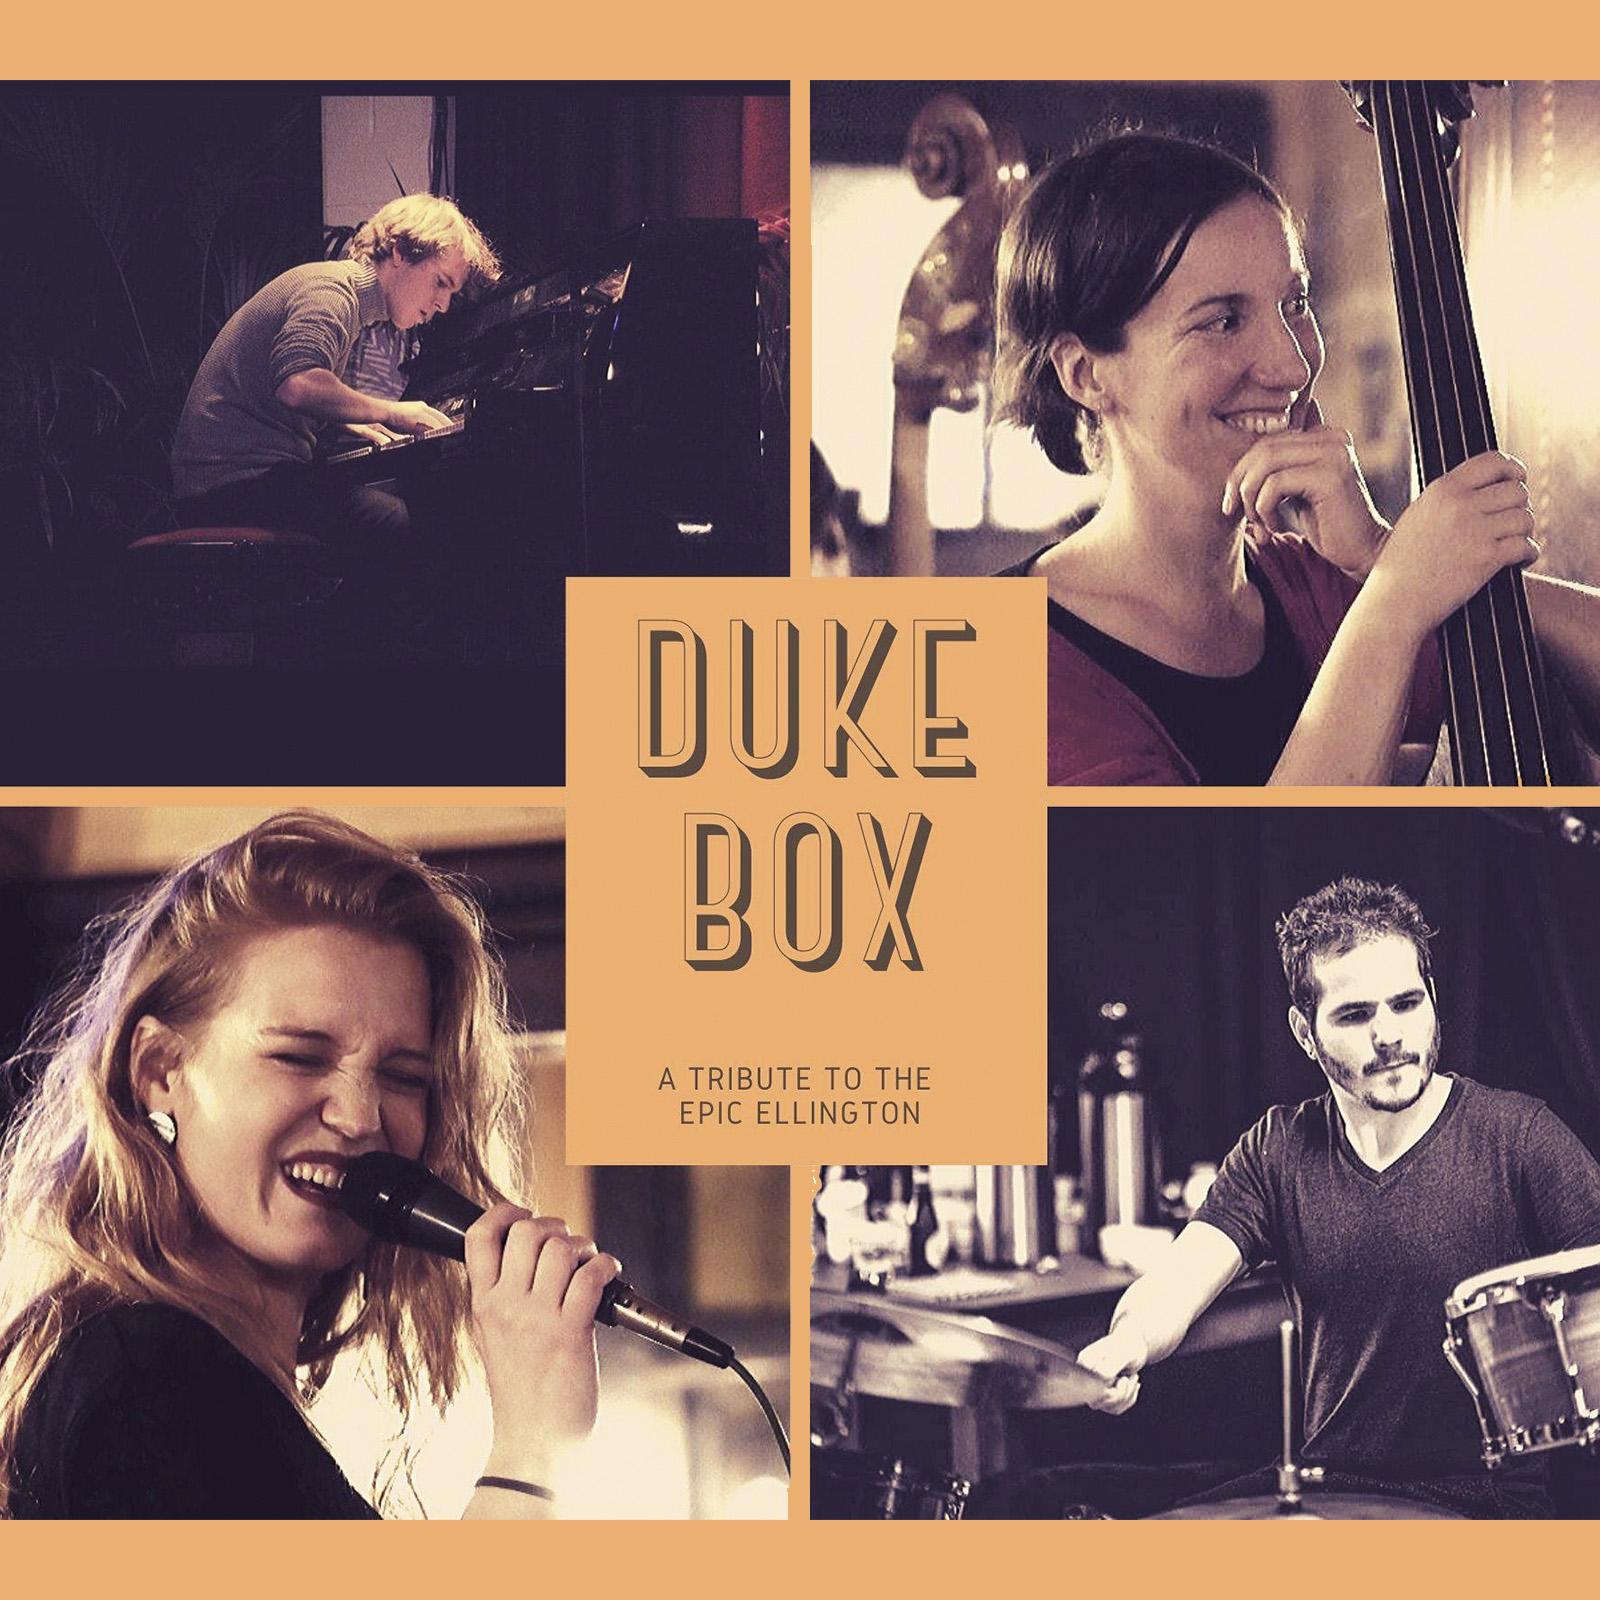 Dukebox